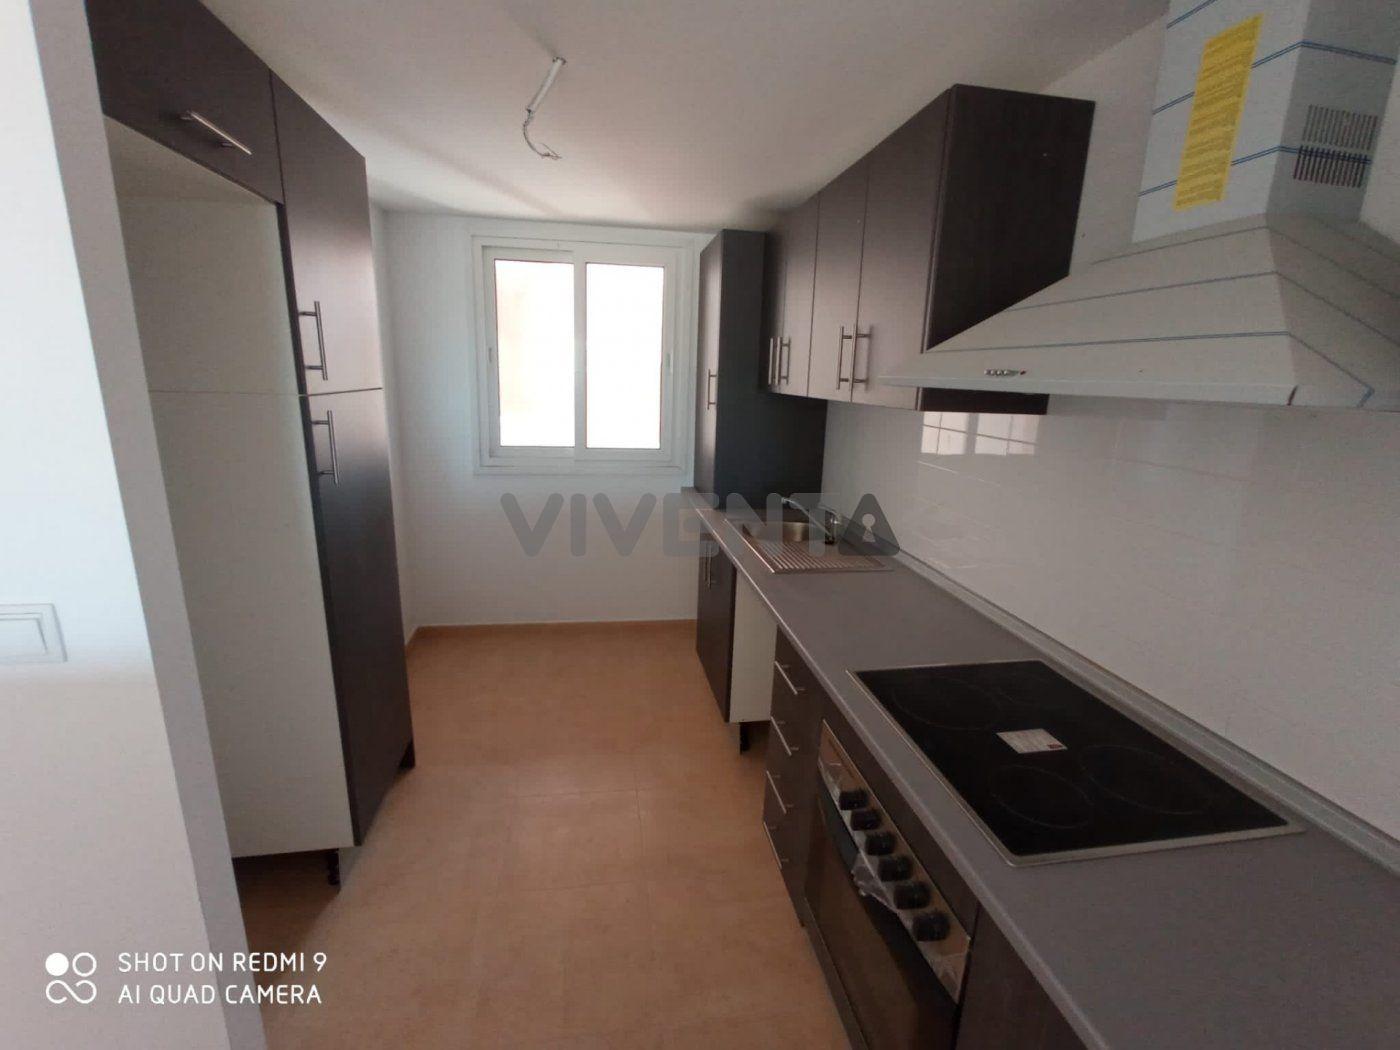 Apartamento · Torre - Pacheco · Mar Menor Resort 99.900€€